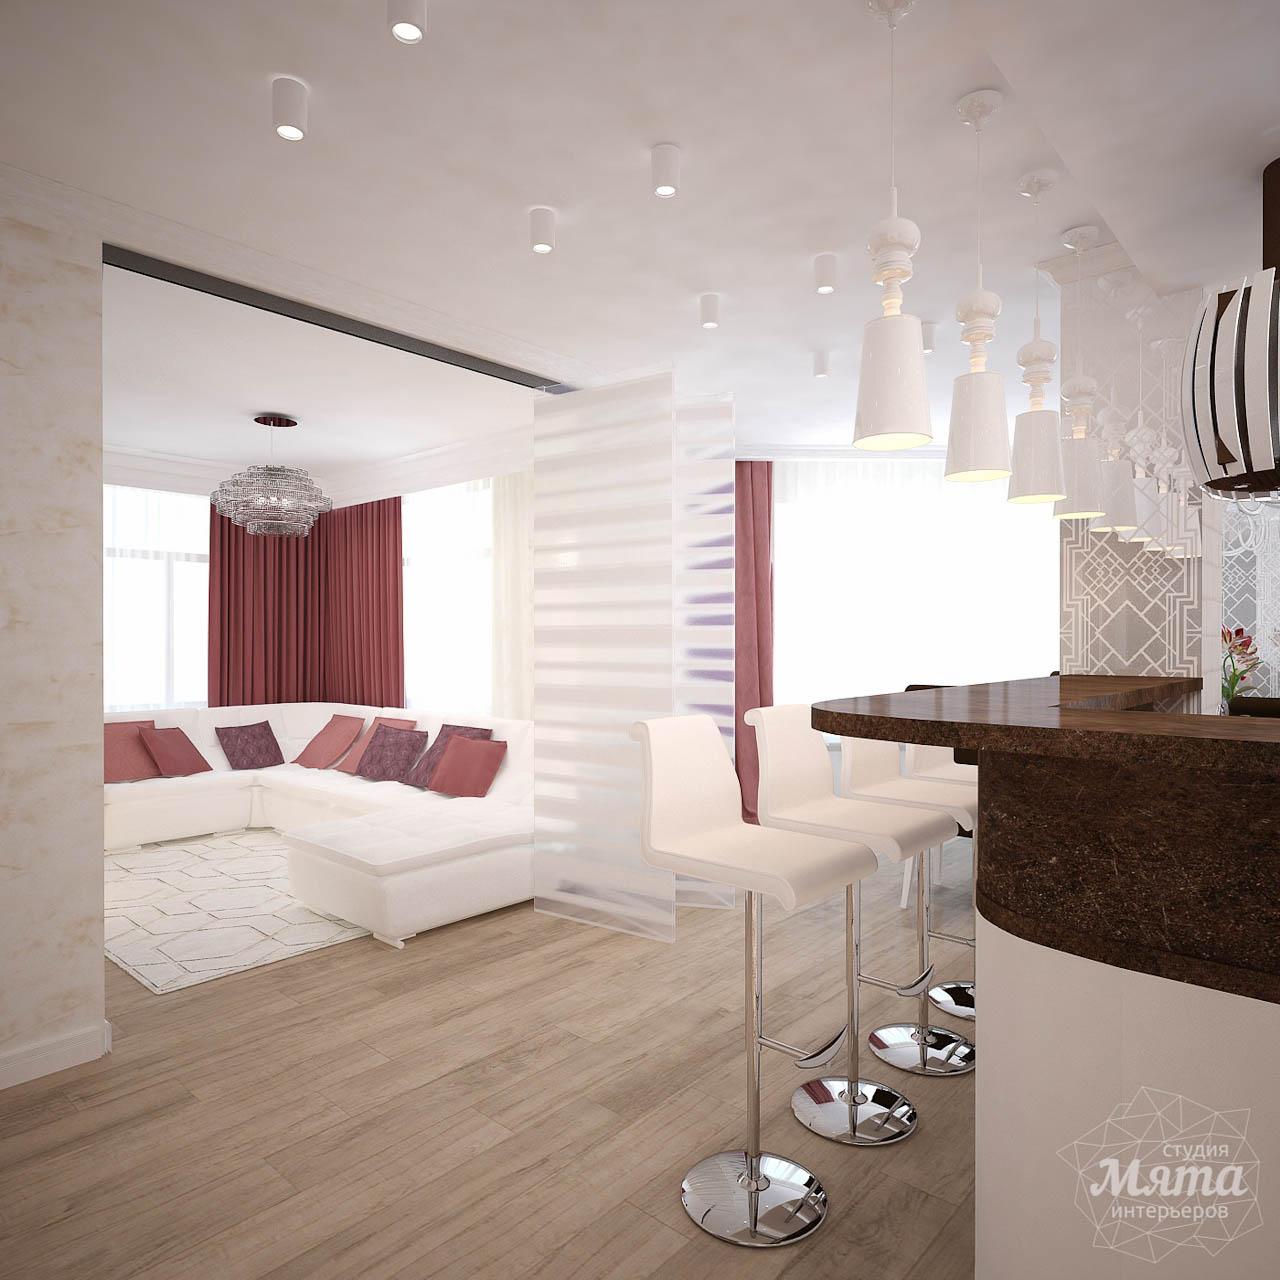 Дизайн интерьера четырехкомнатной квартиры по ул. Шевченко 18 img665404283